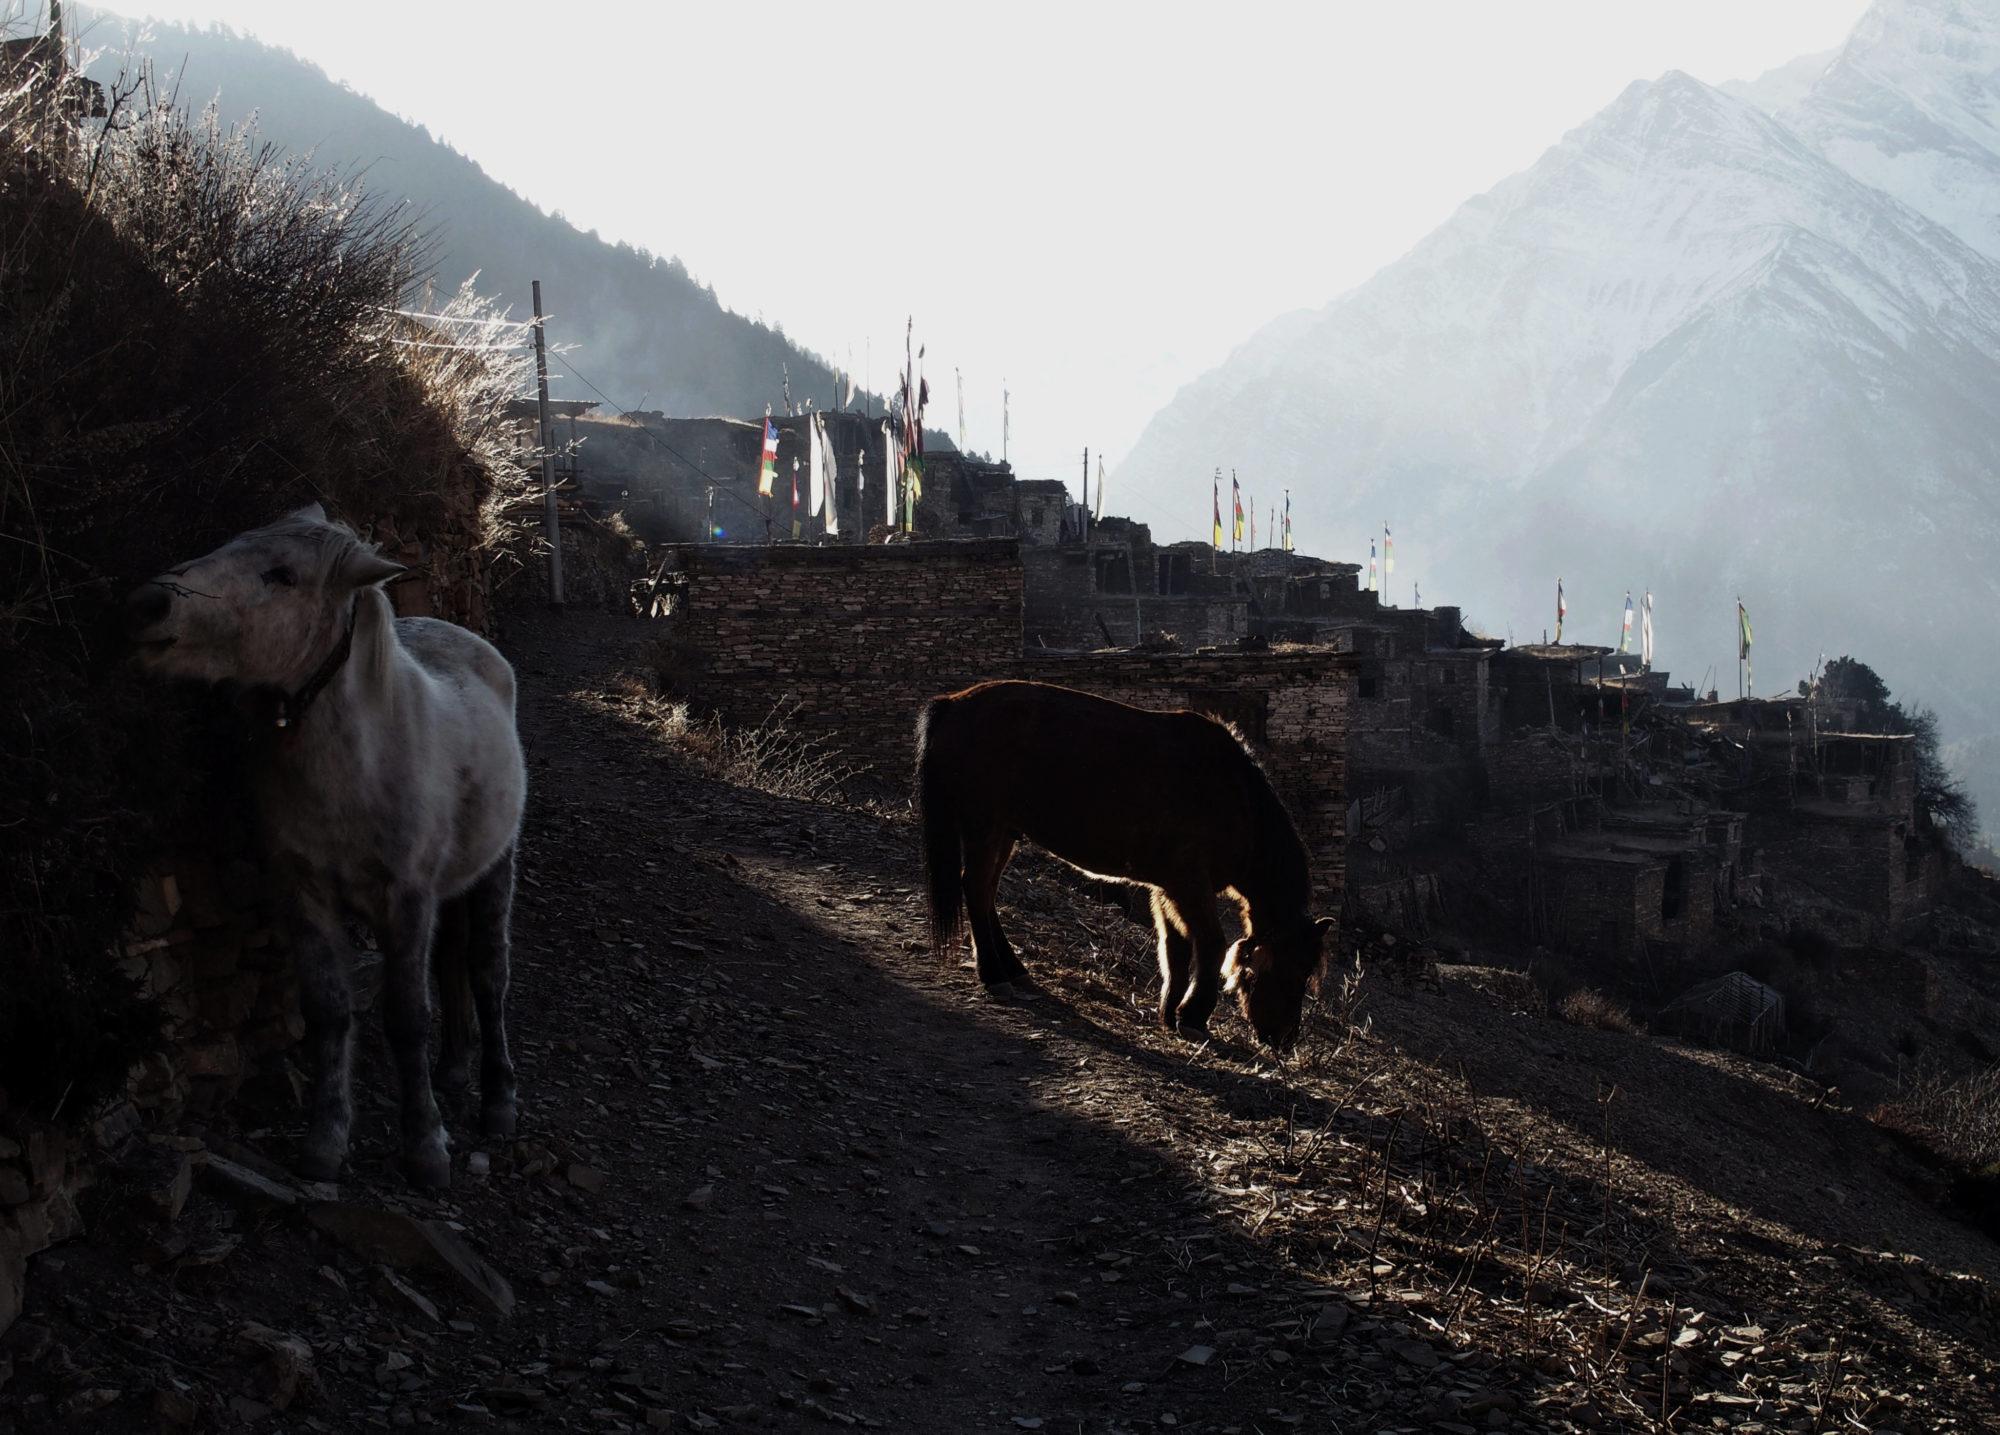 Sonnenlicht am Morgen in Ghyaru